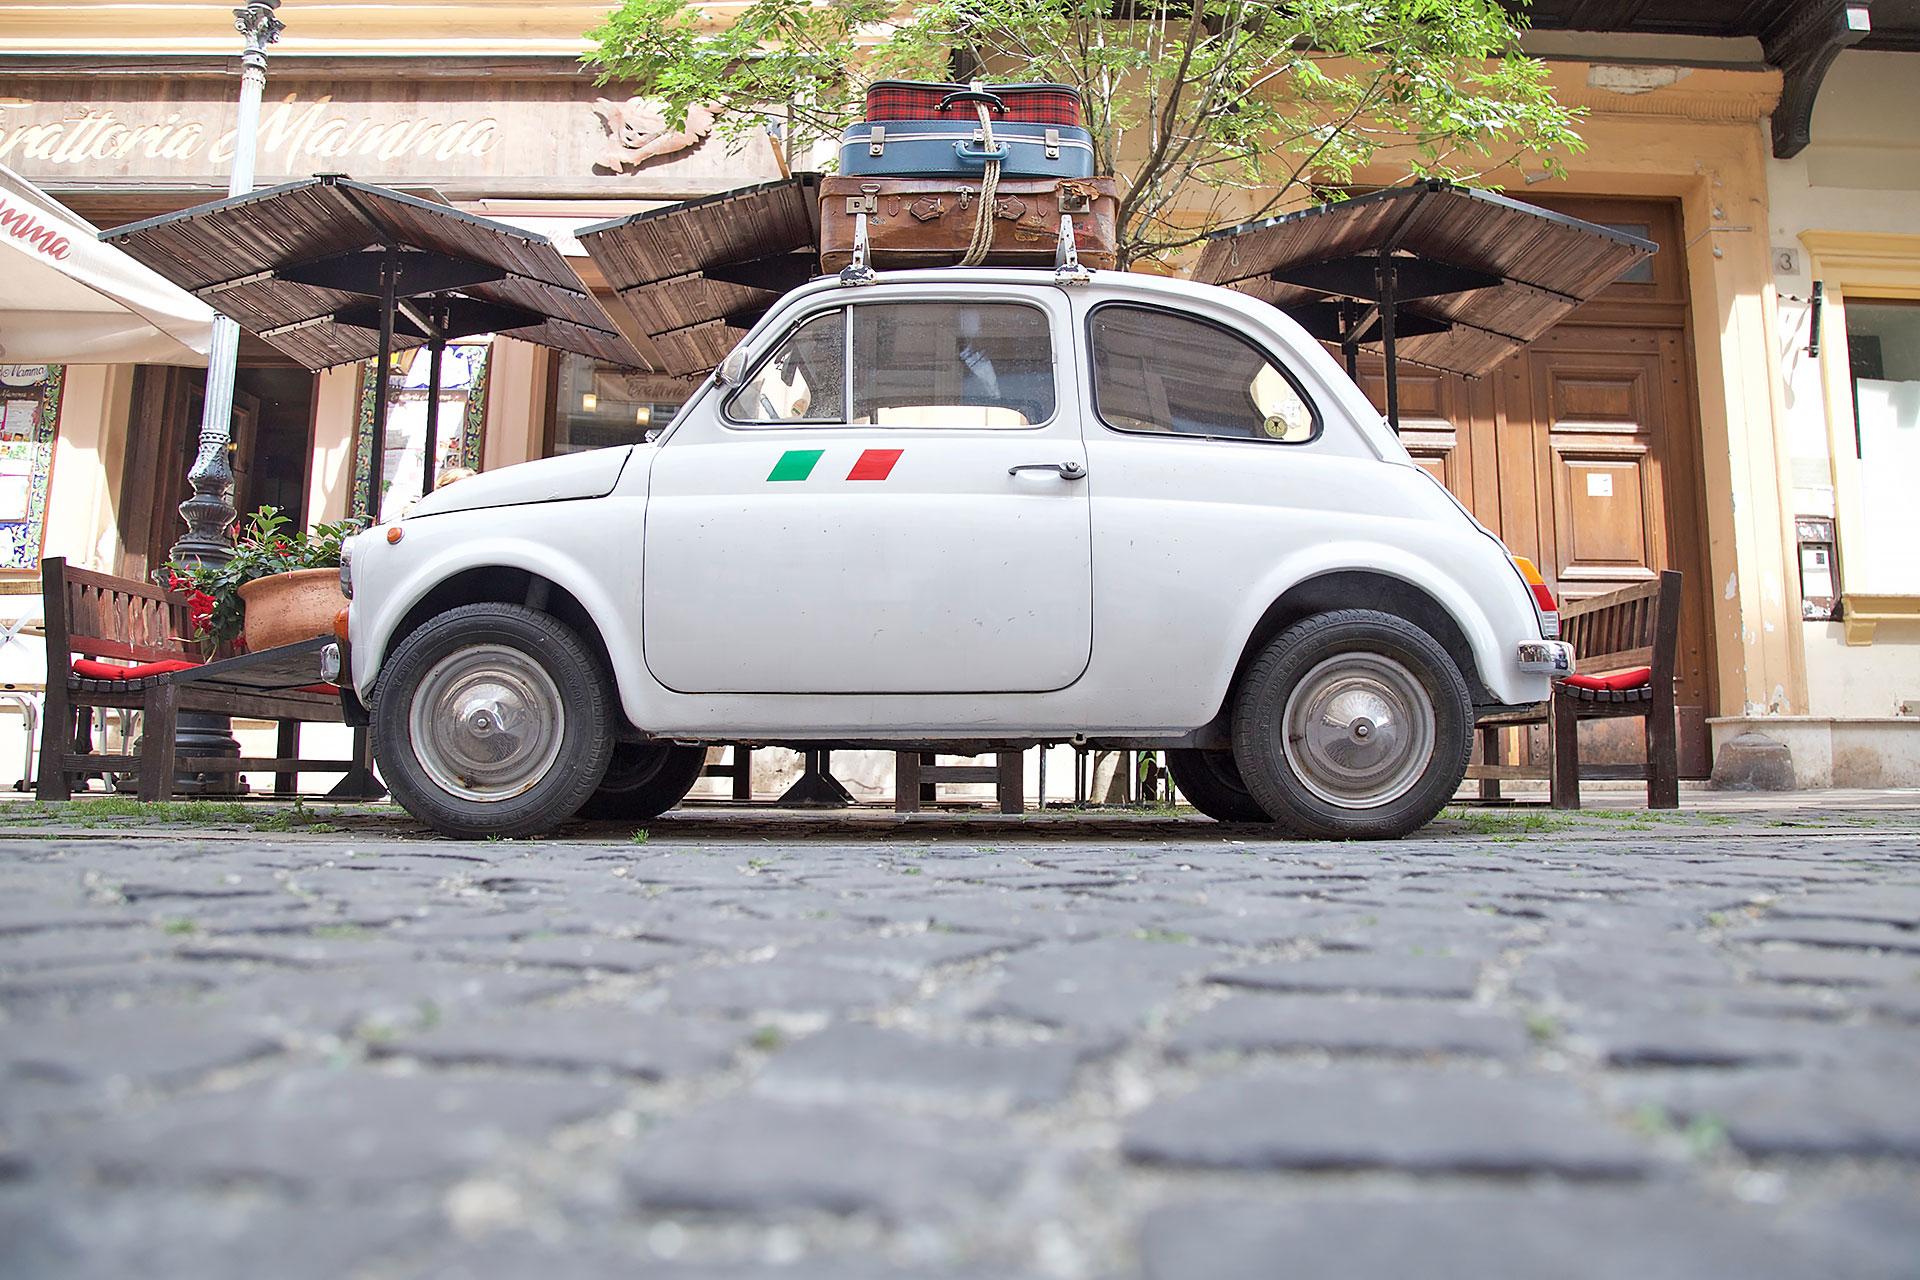 weisser Fiat 500 mit Koffern auf dem Autodach vor einem Restaurant